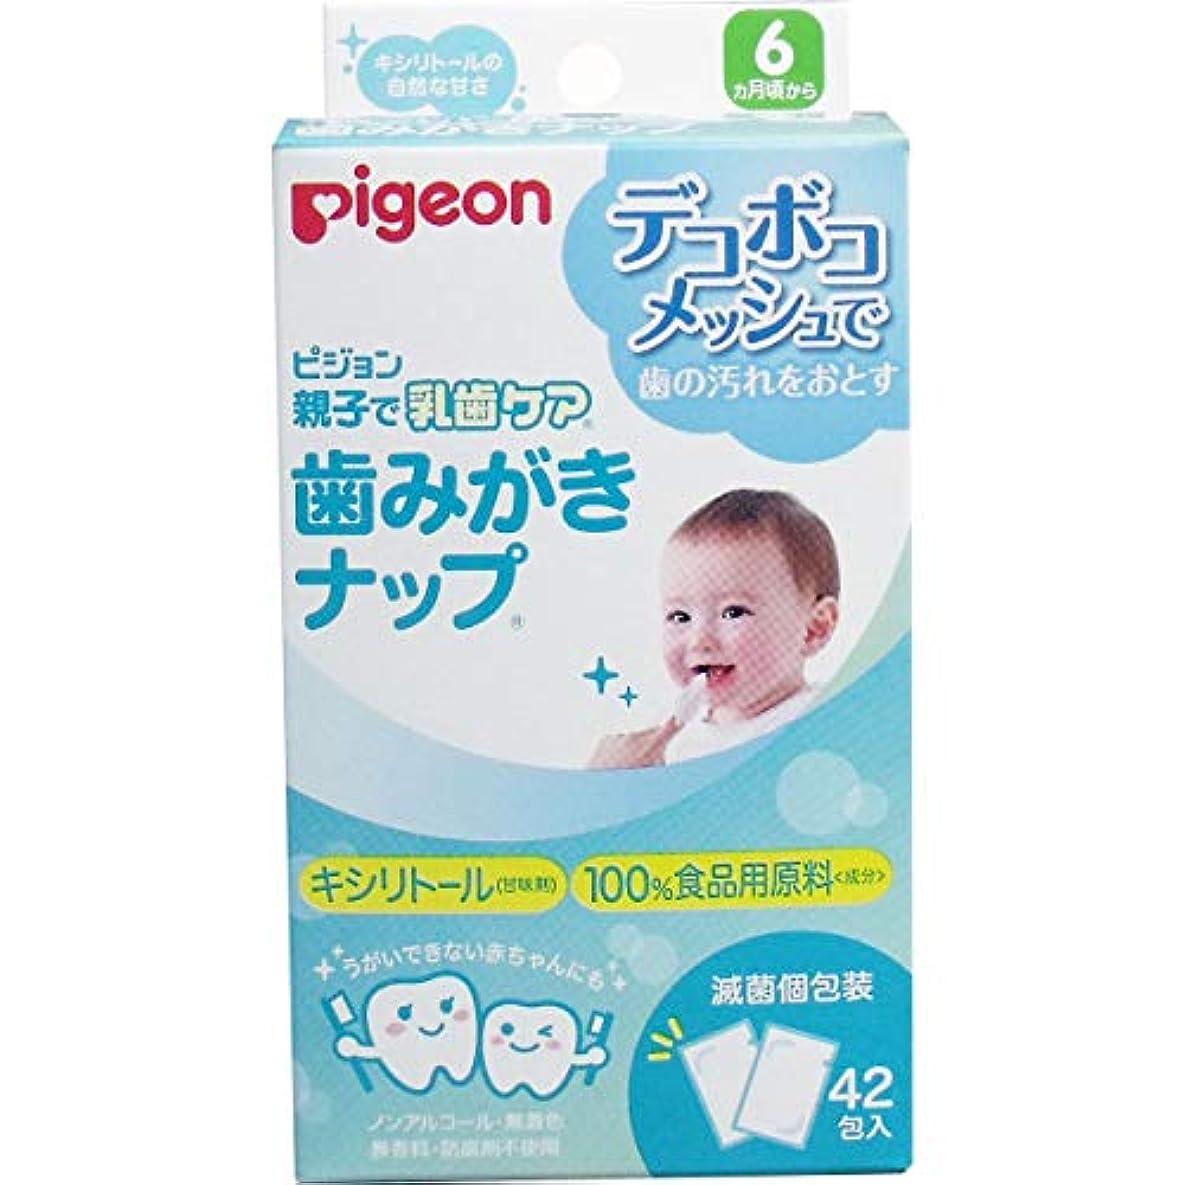 ピジョン 親子で乳歯ケア 歯みがきナップ 42包 デコボコメッシュで歯の汚れをおとす